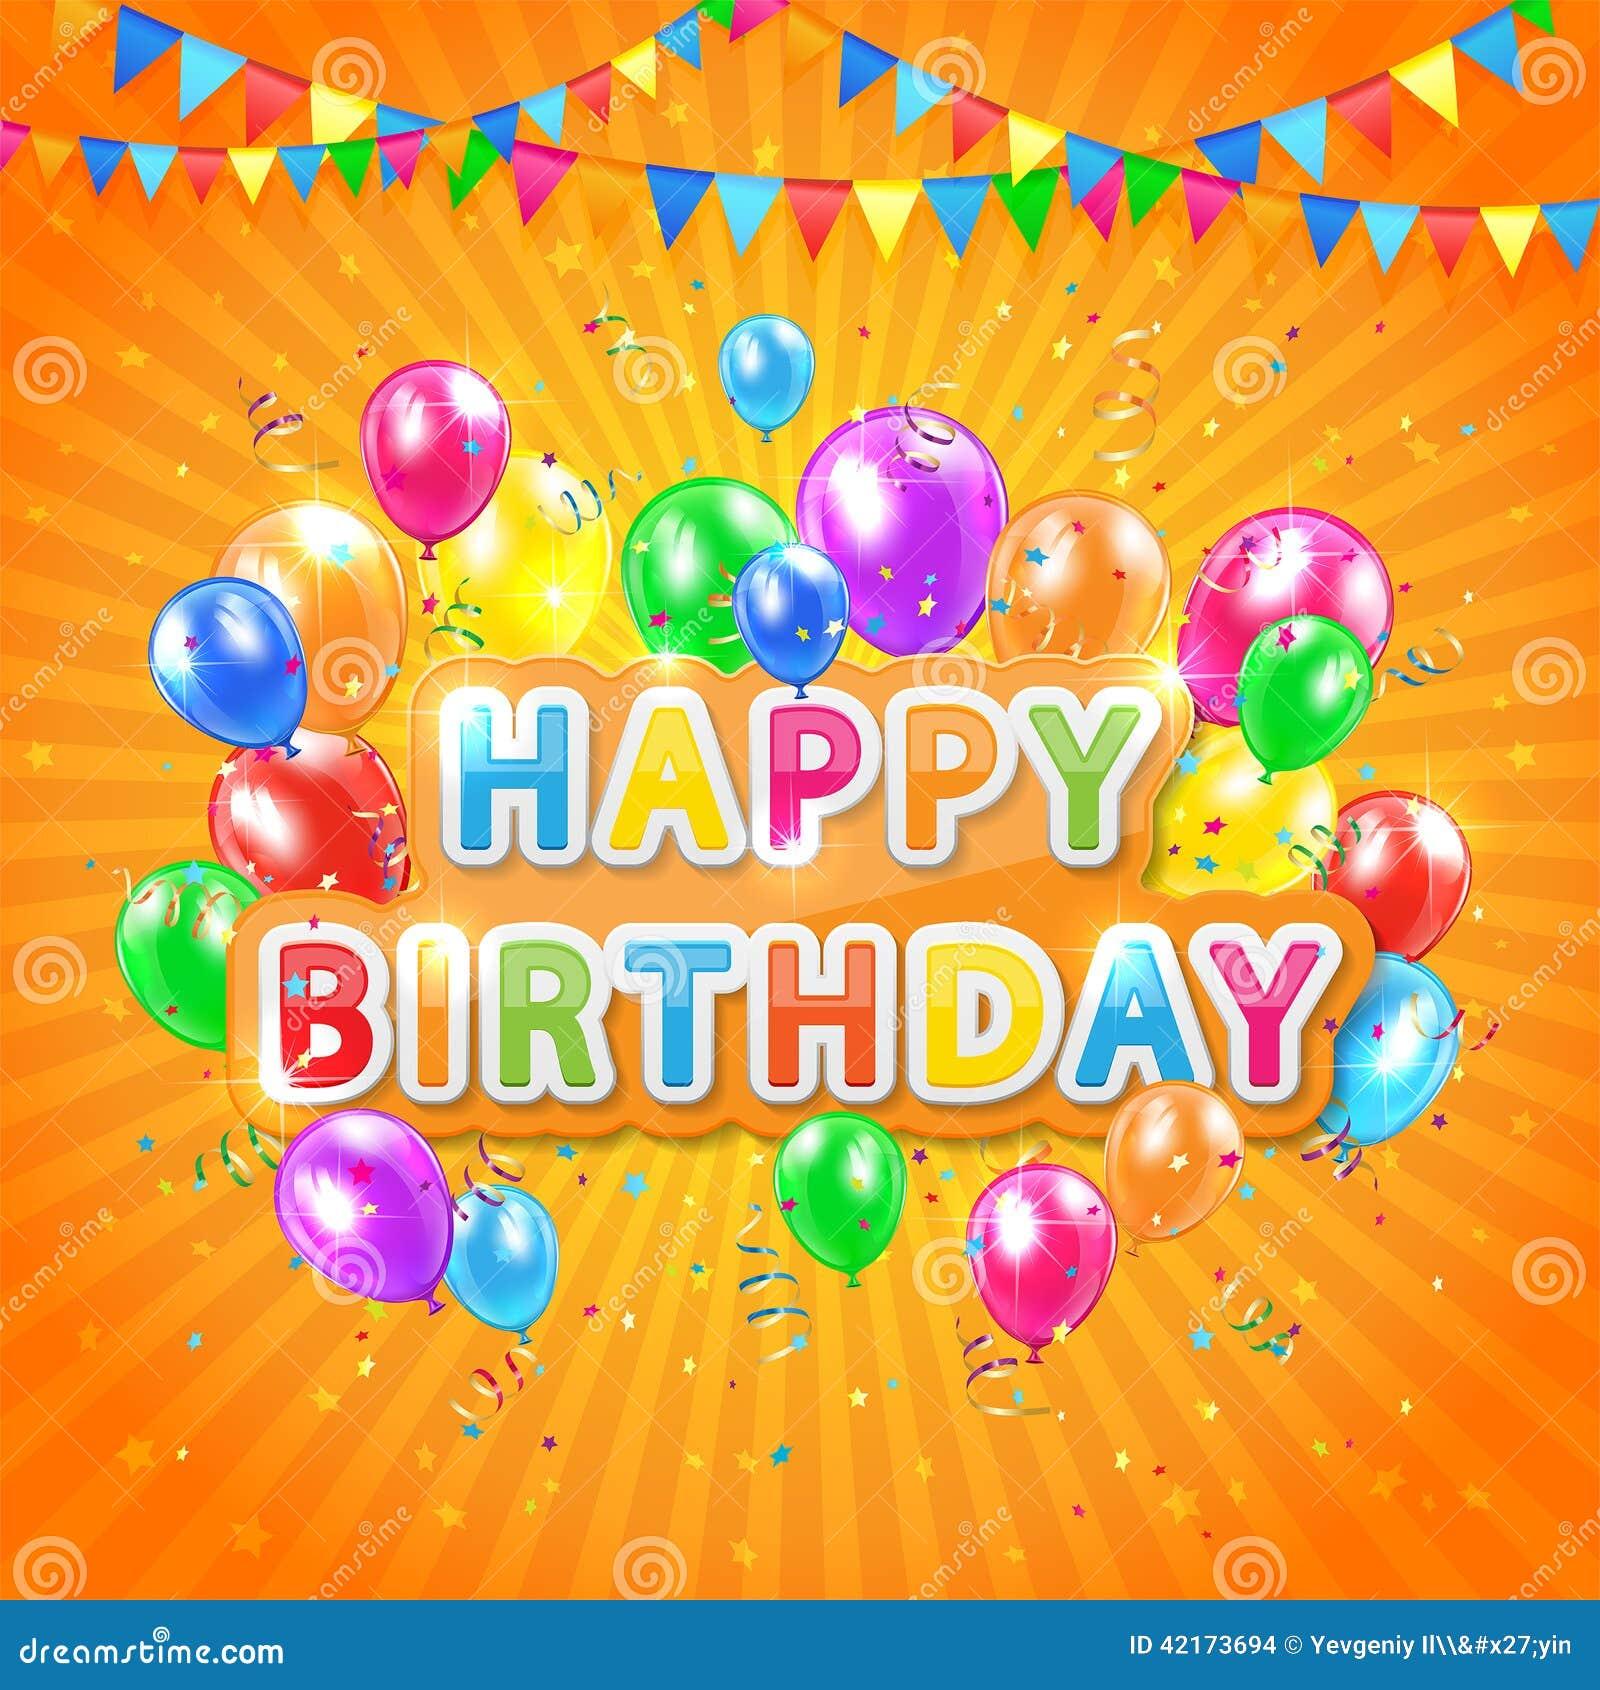 Happy Birthday Orange Background Stock Vector - Image ...